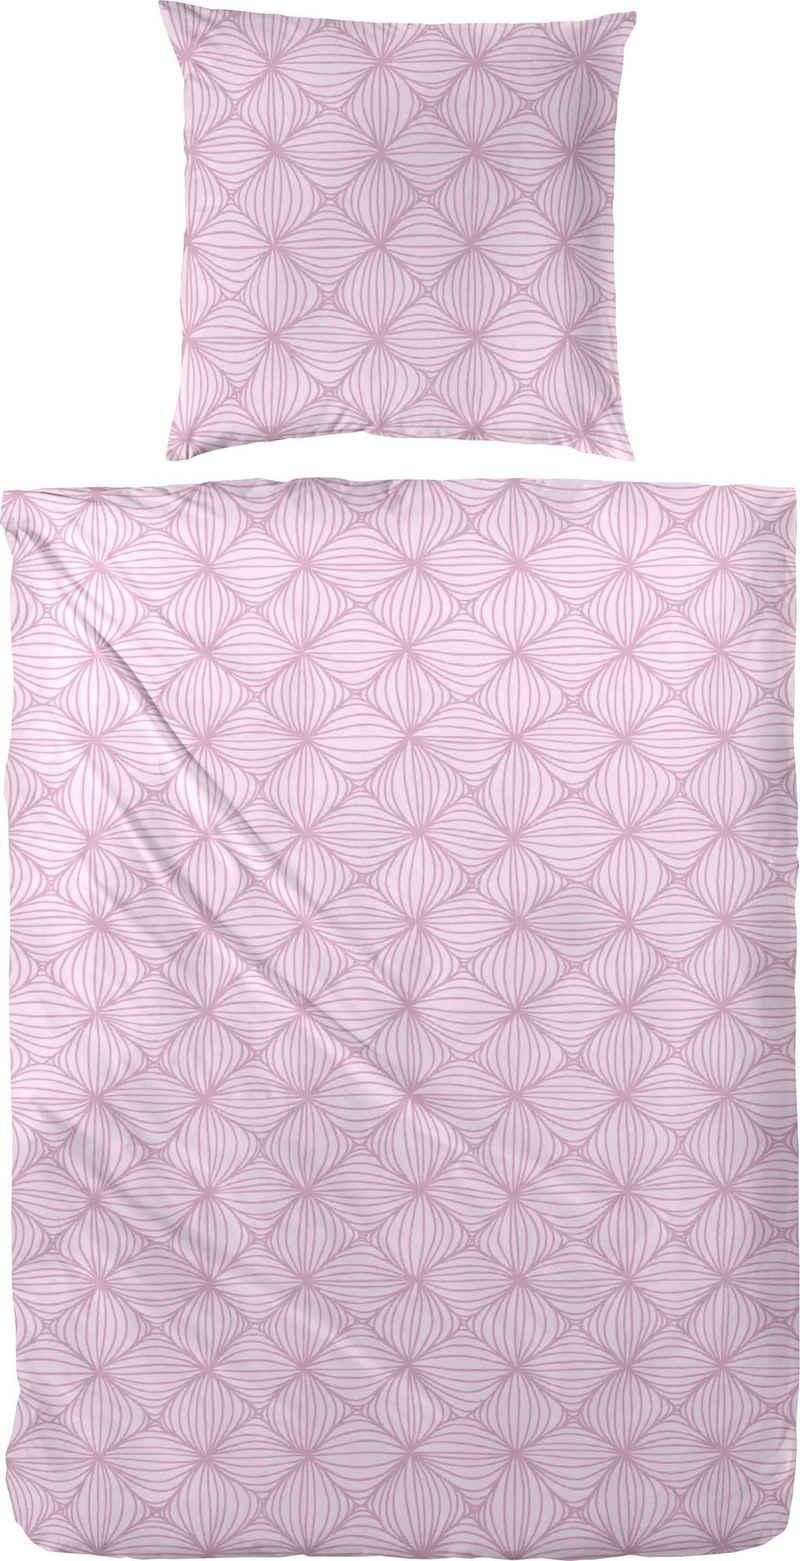 Bettwäsche »Biber-Bettwäsche Rosarot«, Primera, Mit einem traumhaften rosaroten Muster